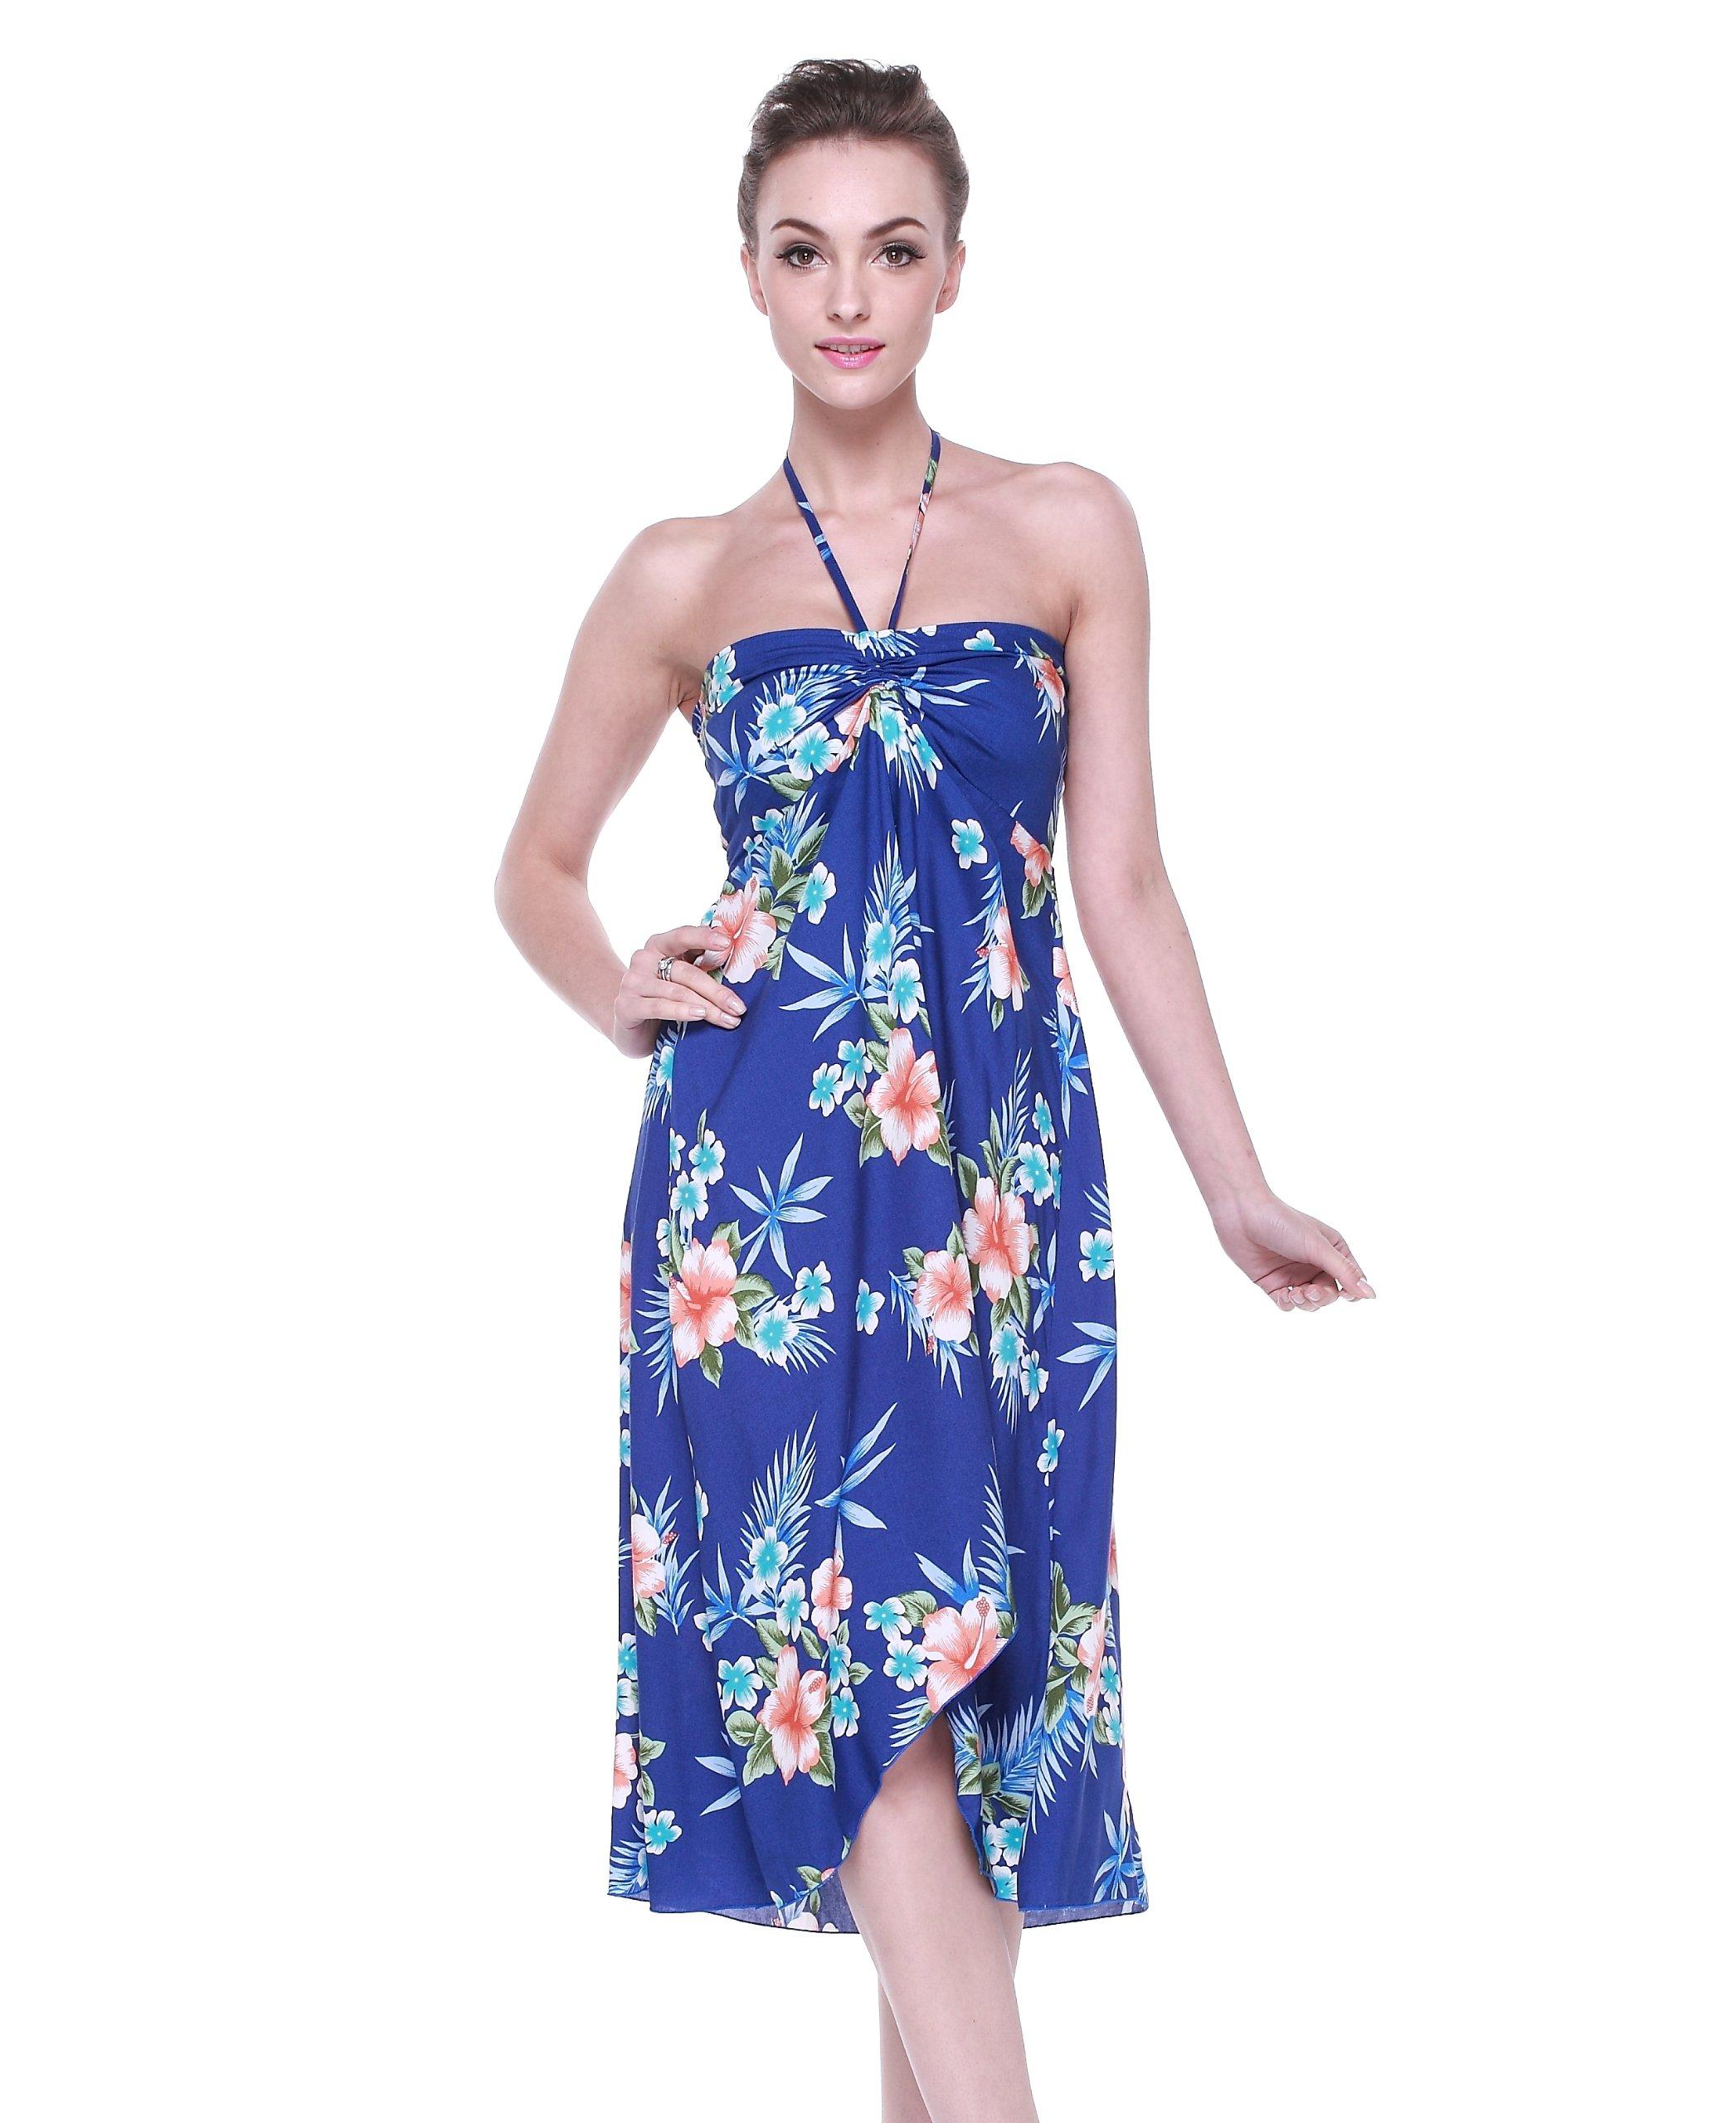 Hawaii Clothing: Amazon.com